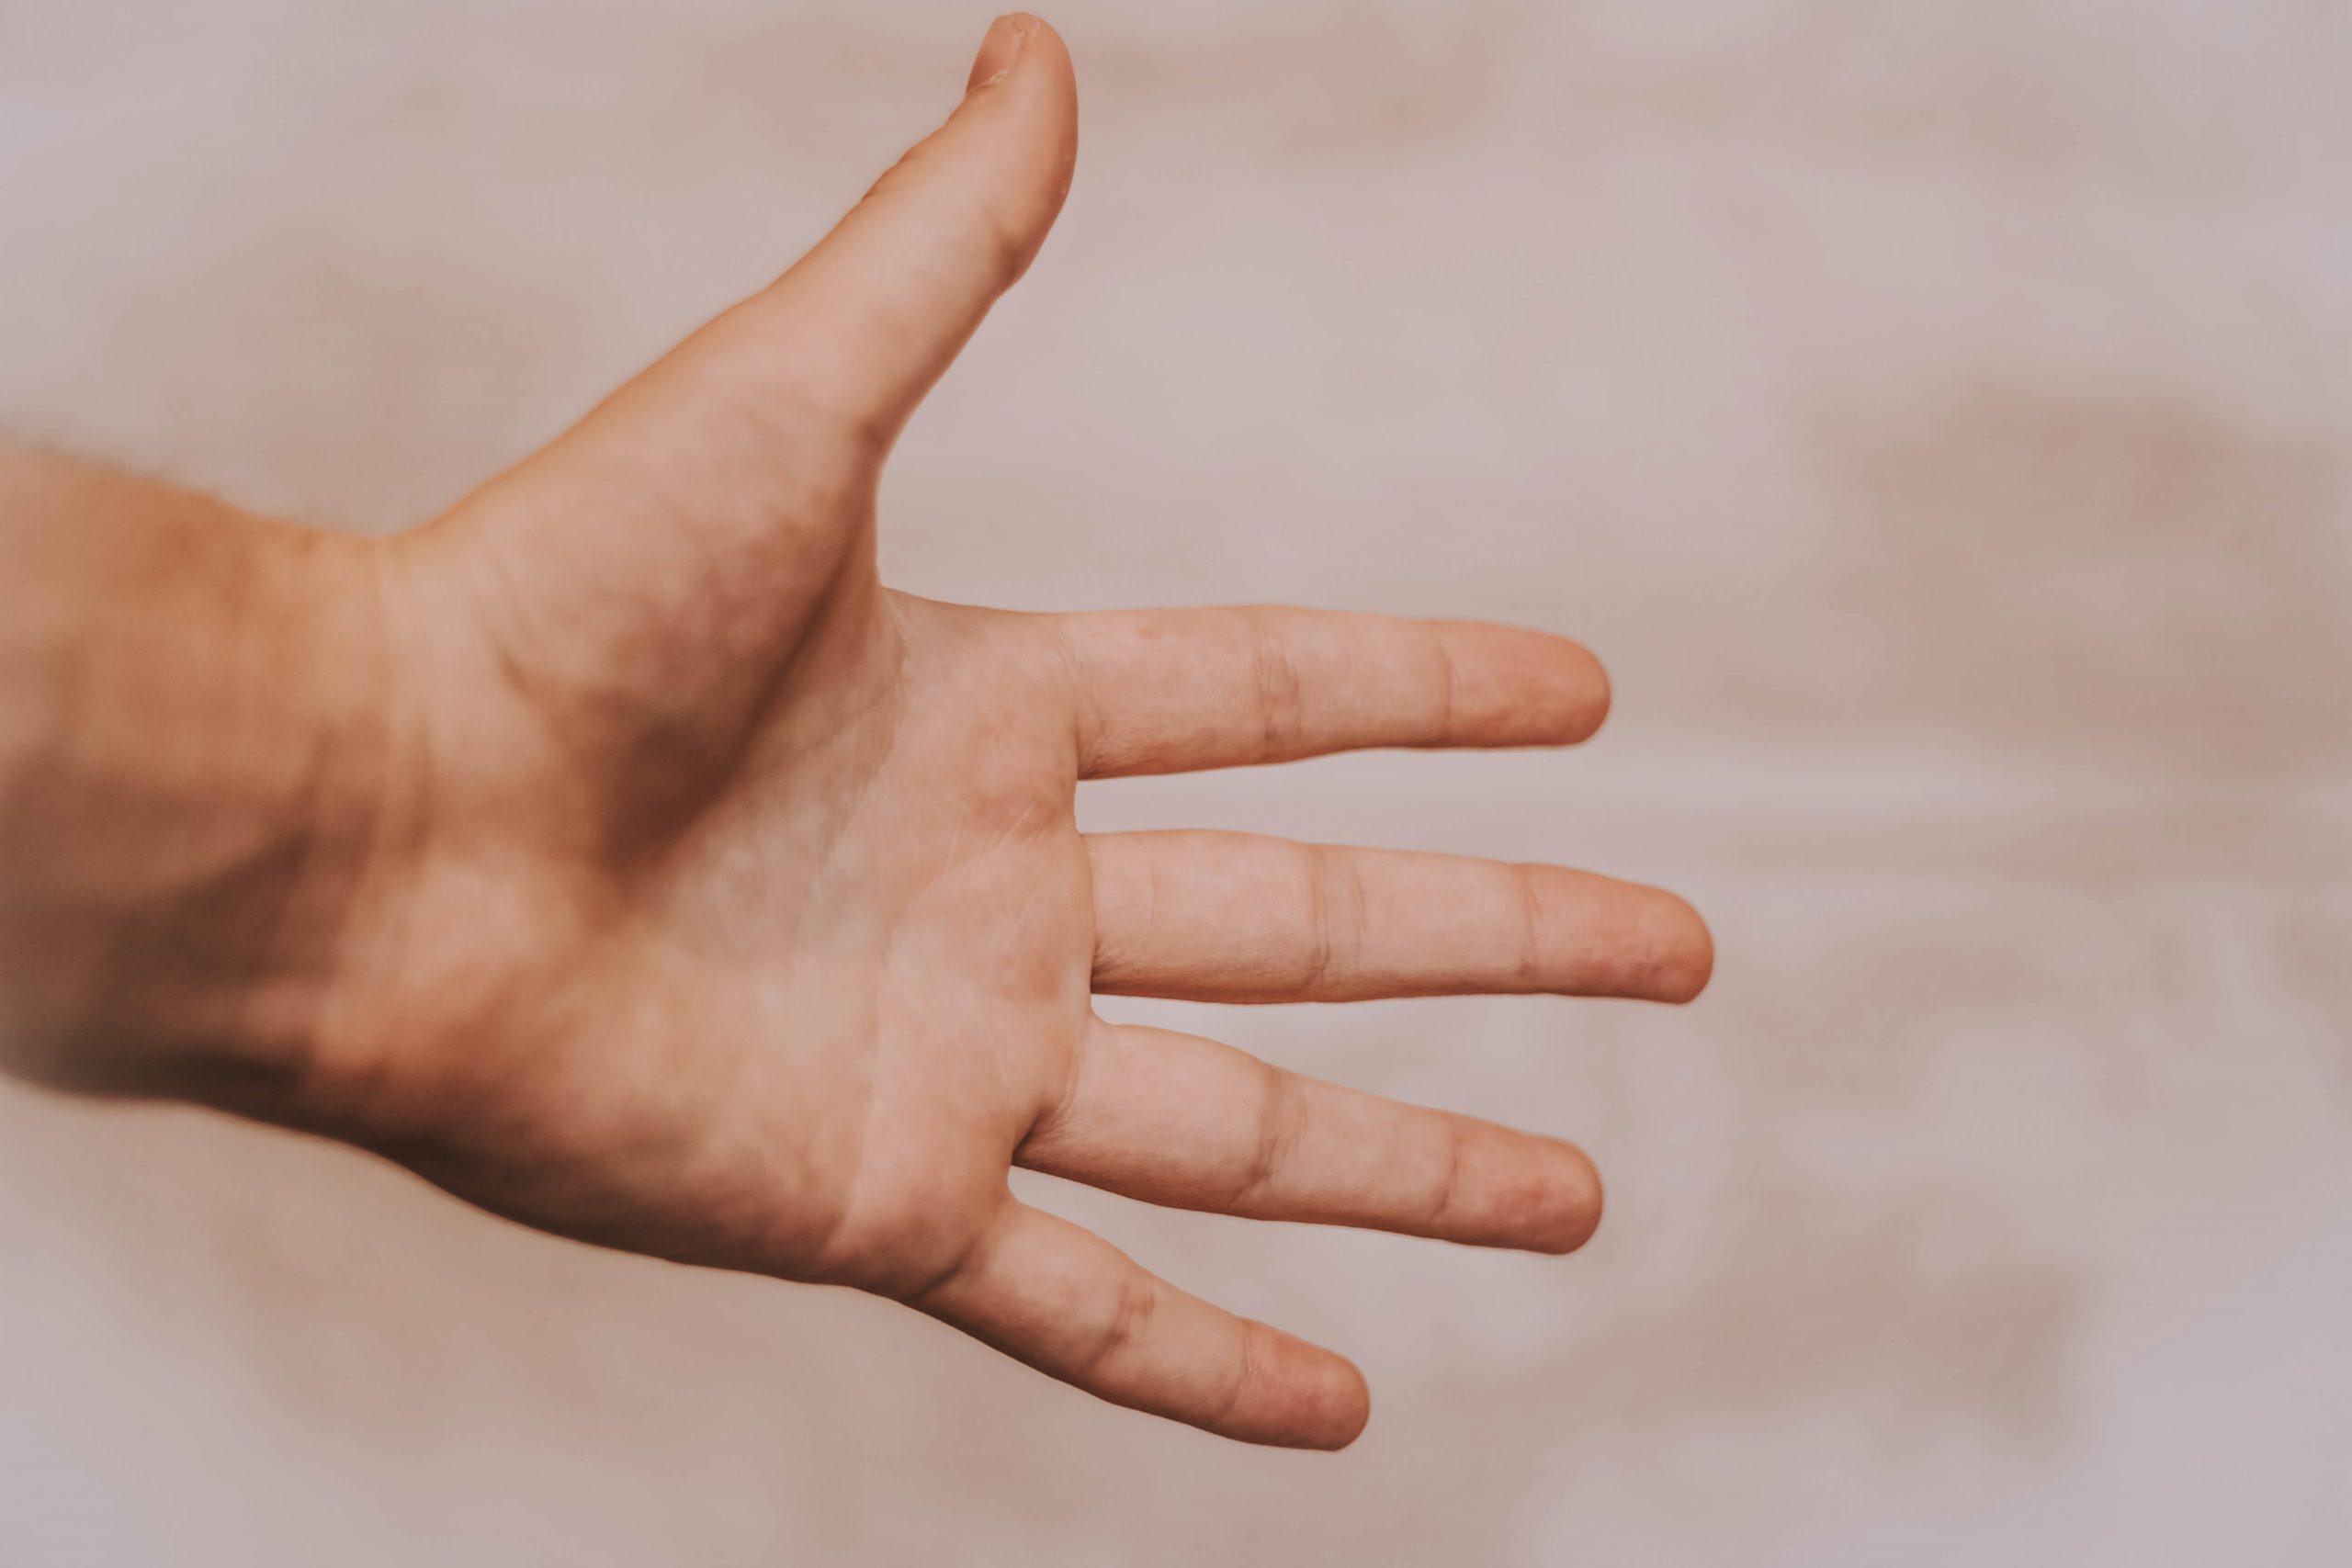 hånd, gestik, (Foto: Unsplash)